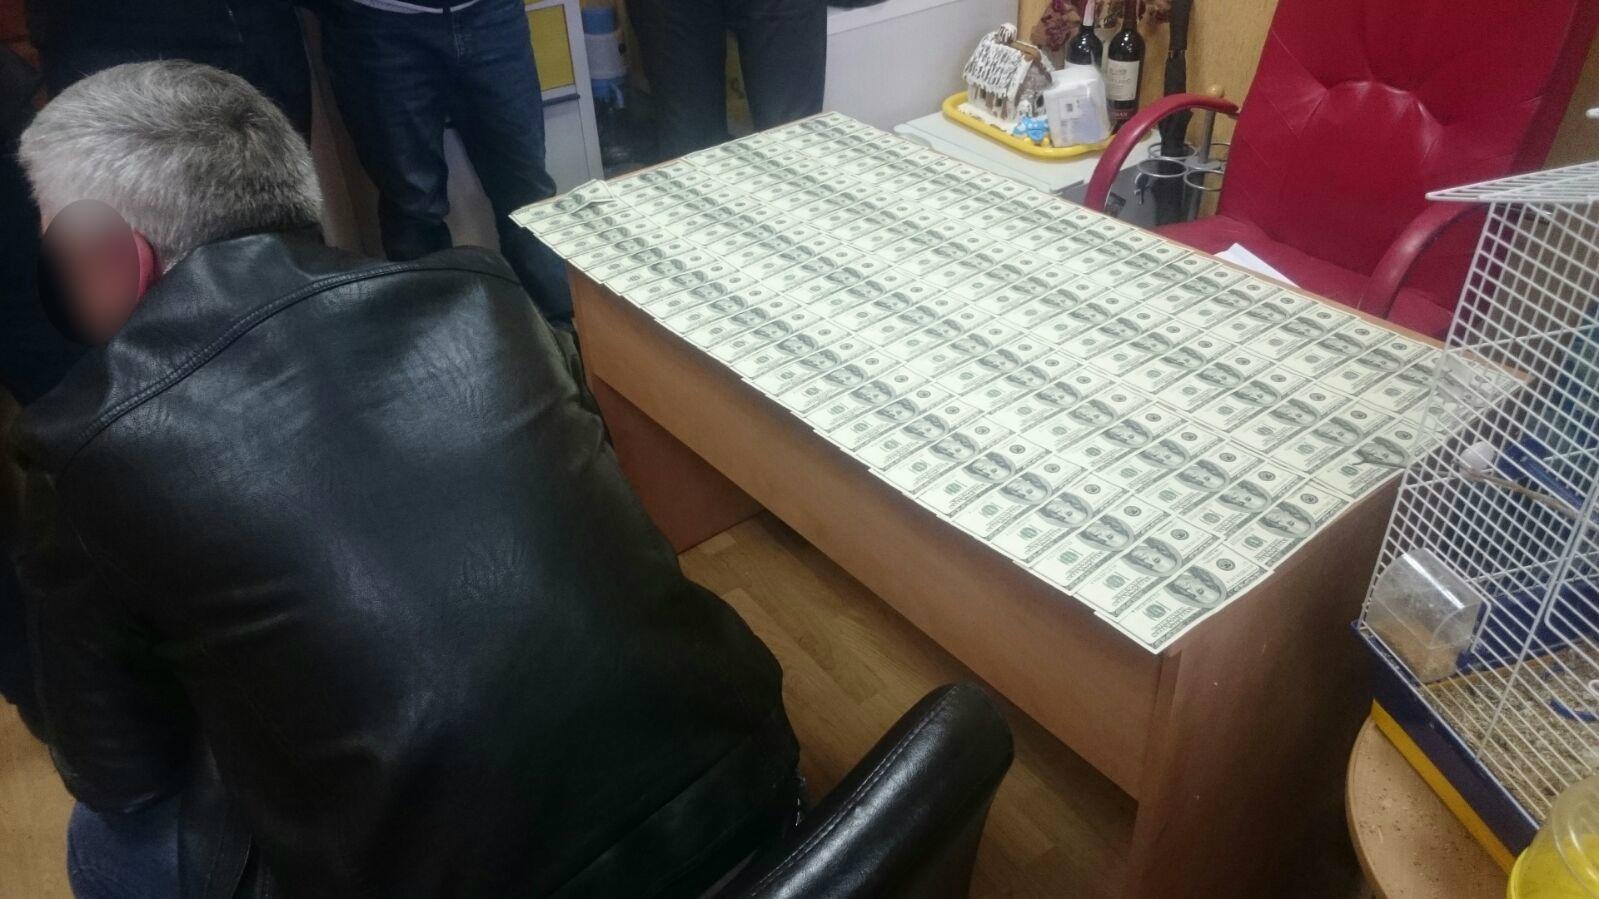 ГПУ: Сотрудник донецкой прокуратуры и адвокат задержаны на взятке